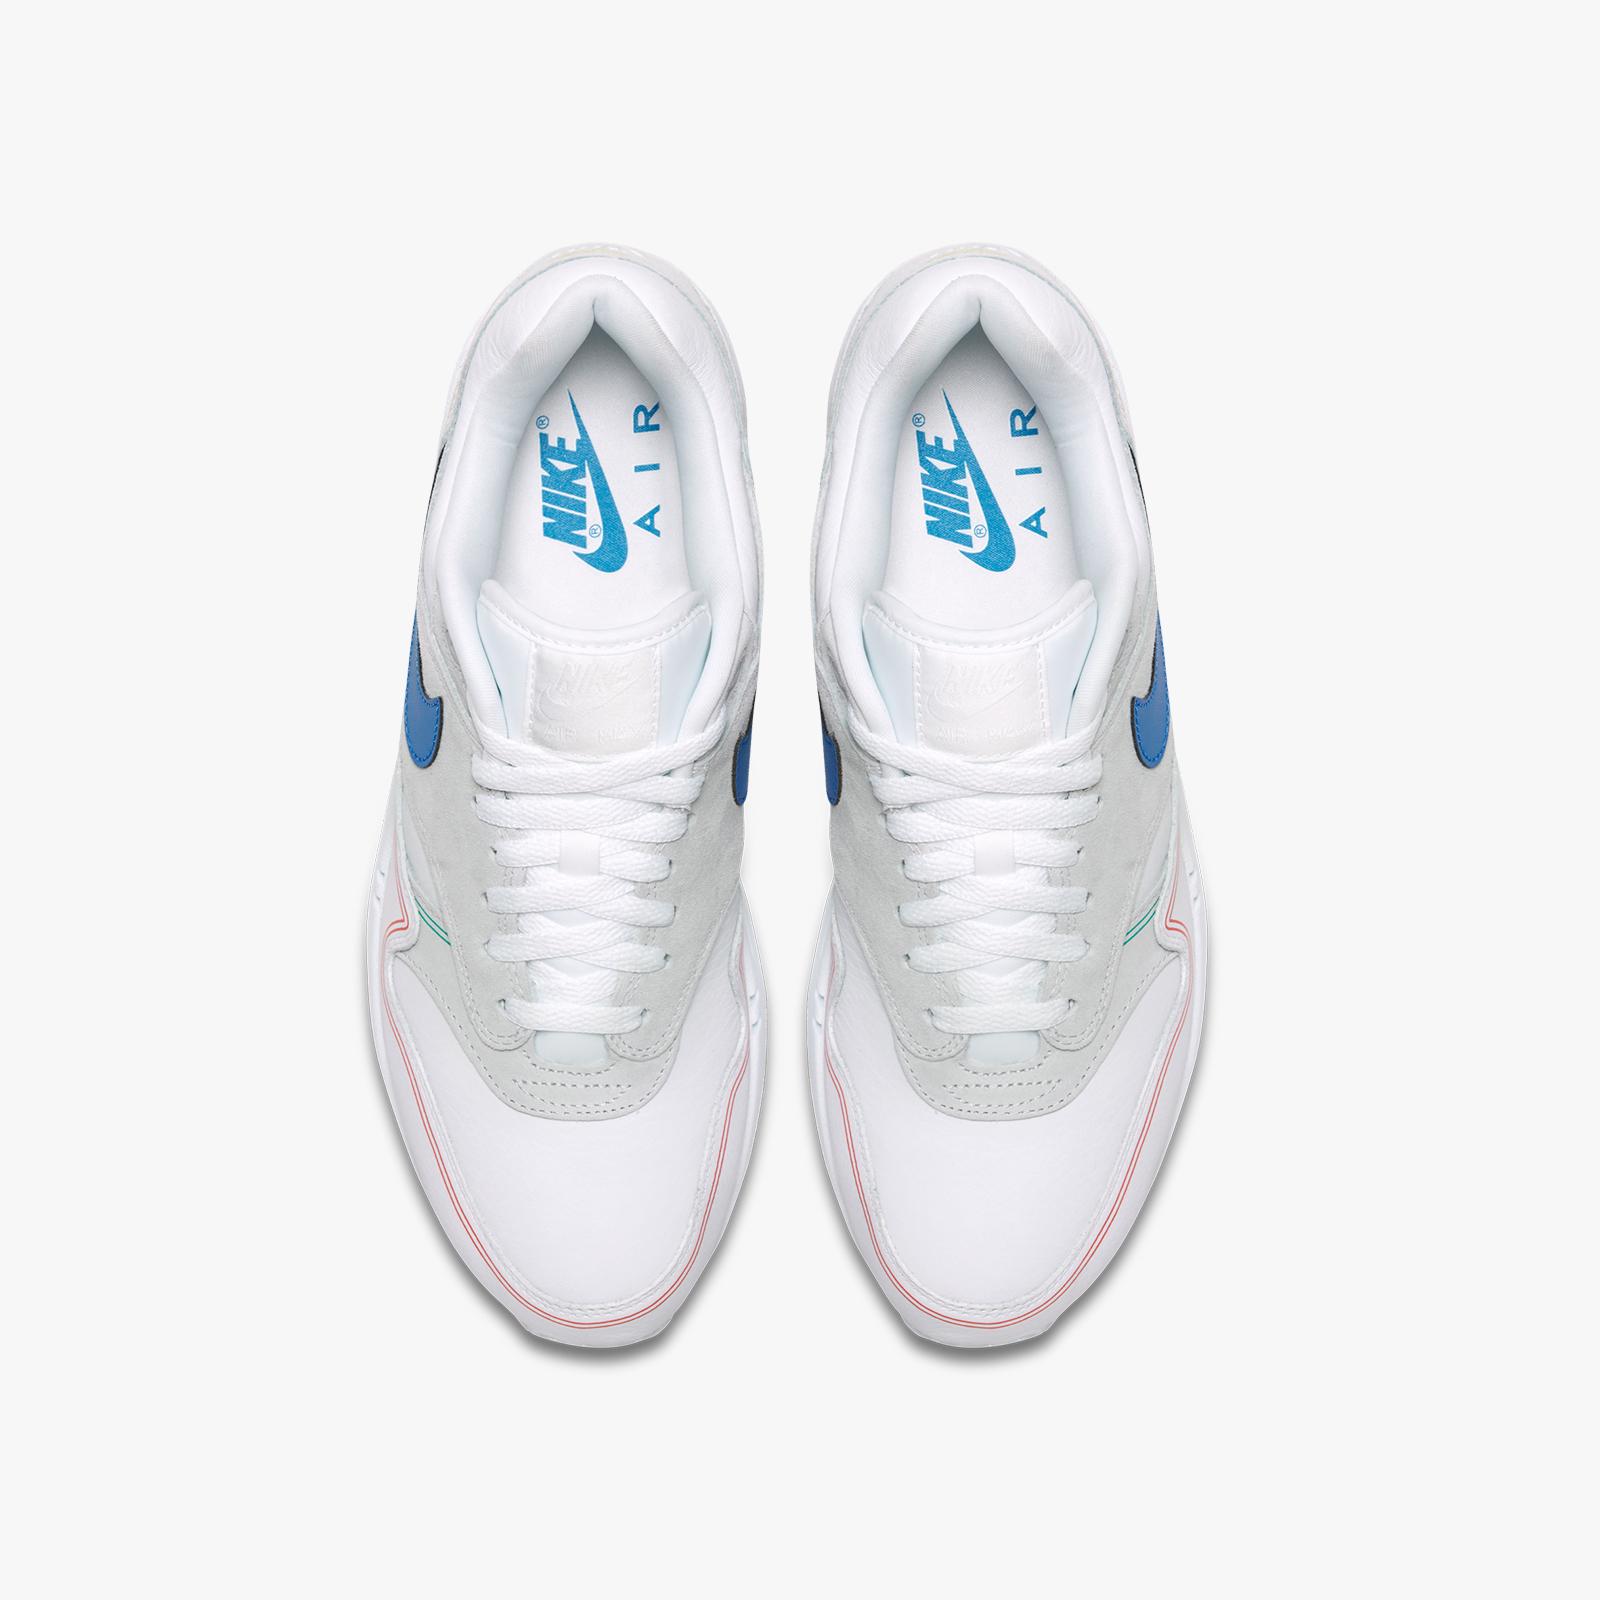 online store 820b2 e4cf1 Nike Sportswear Air Max 1 - 6. Close